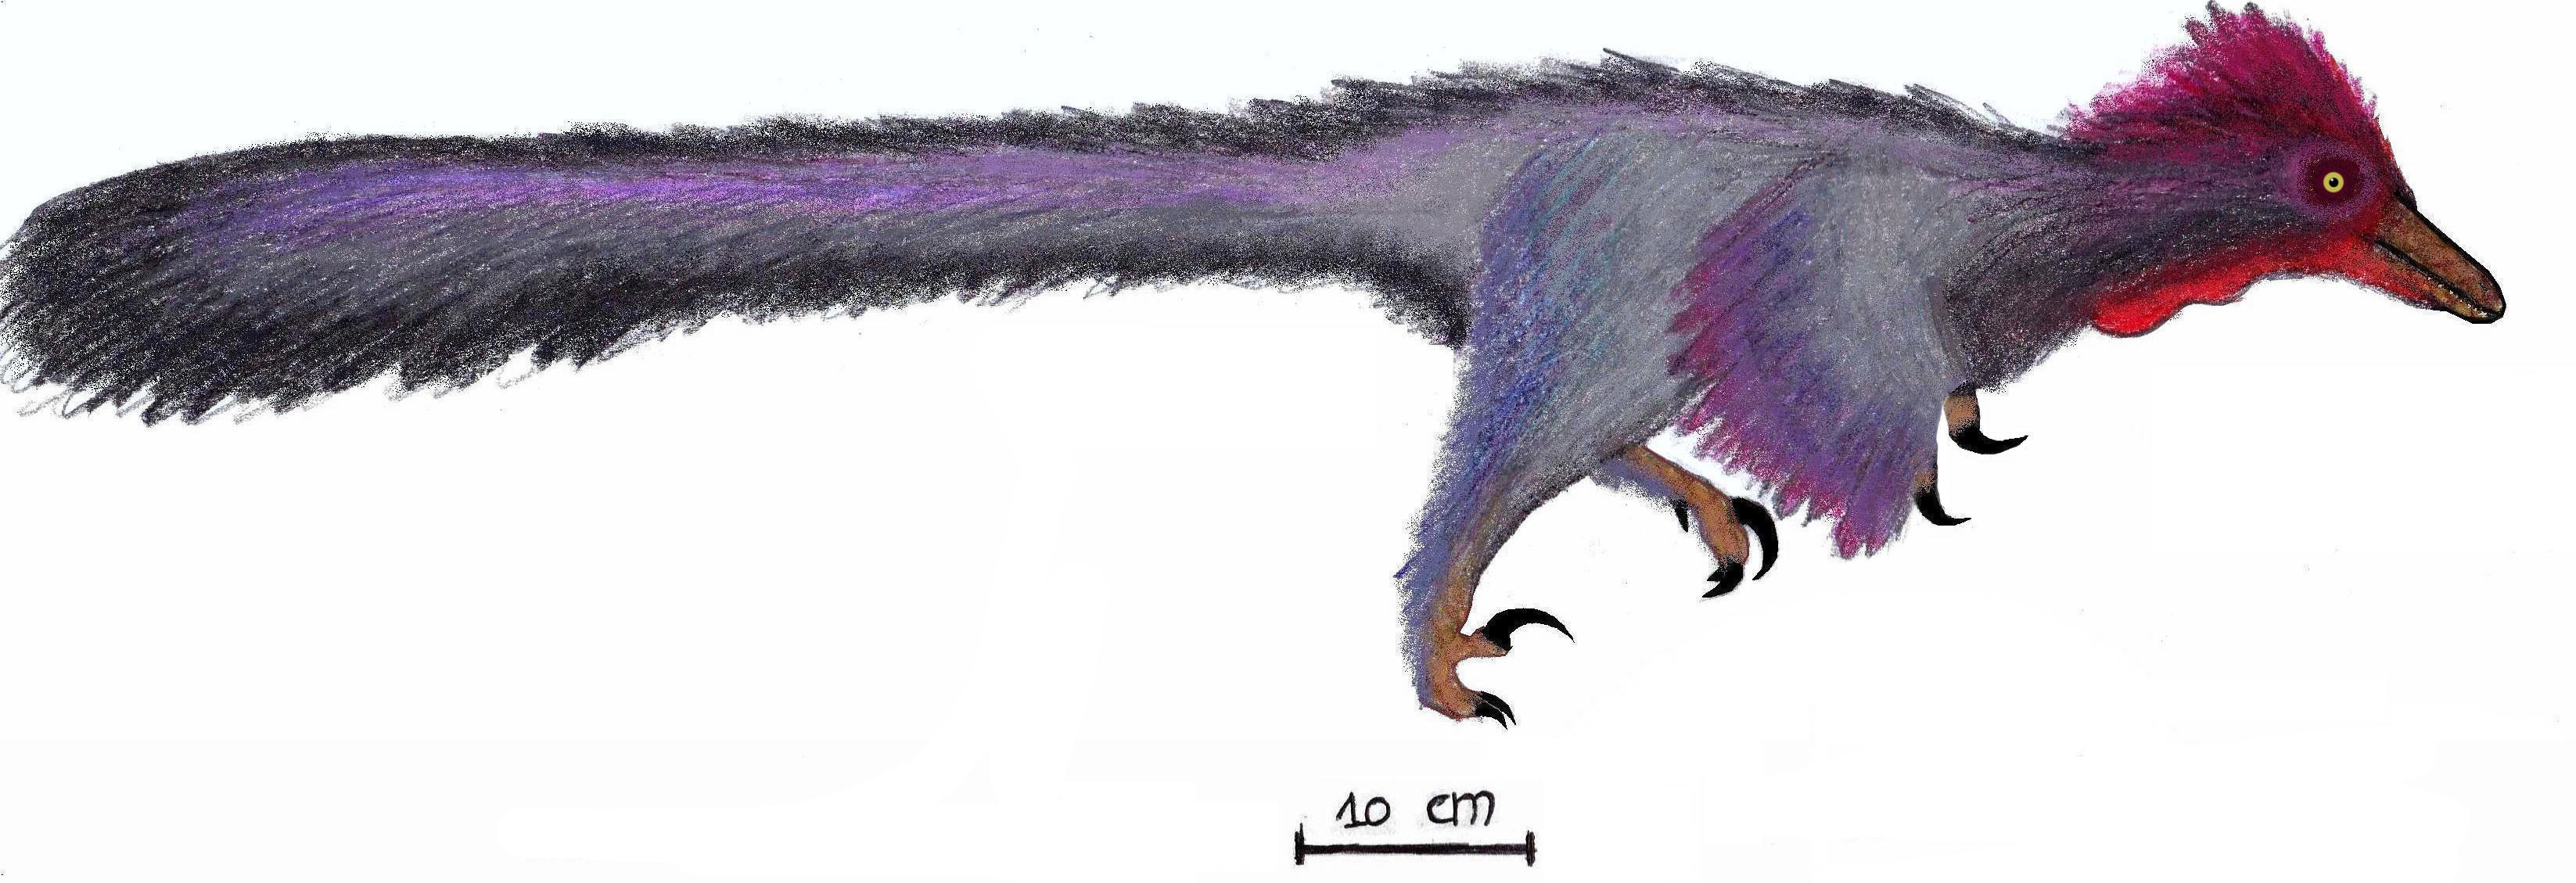 Resultado de imagen de pamparaptor